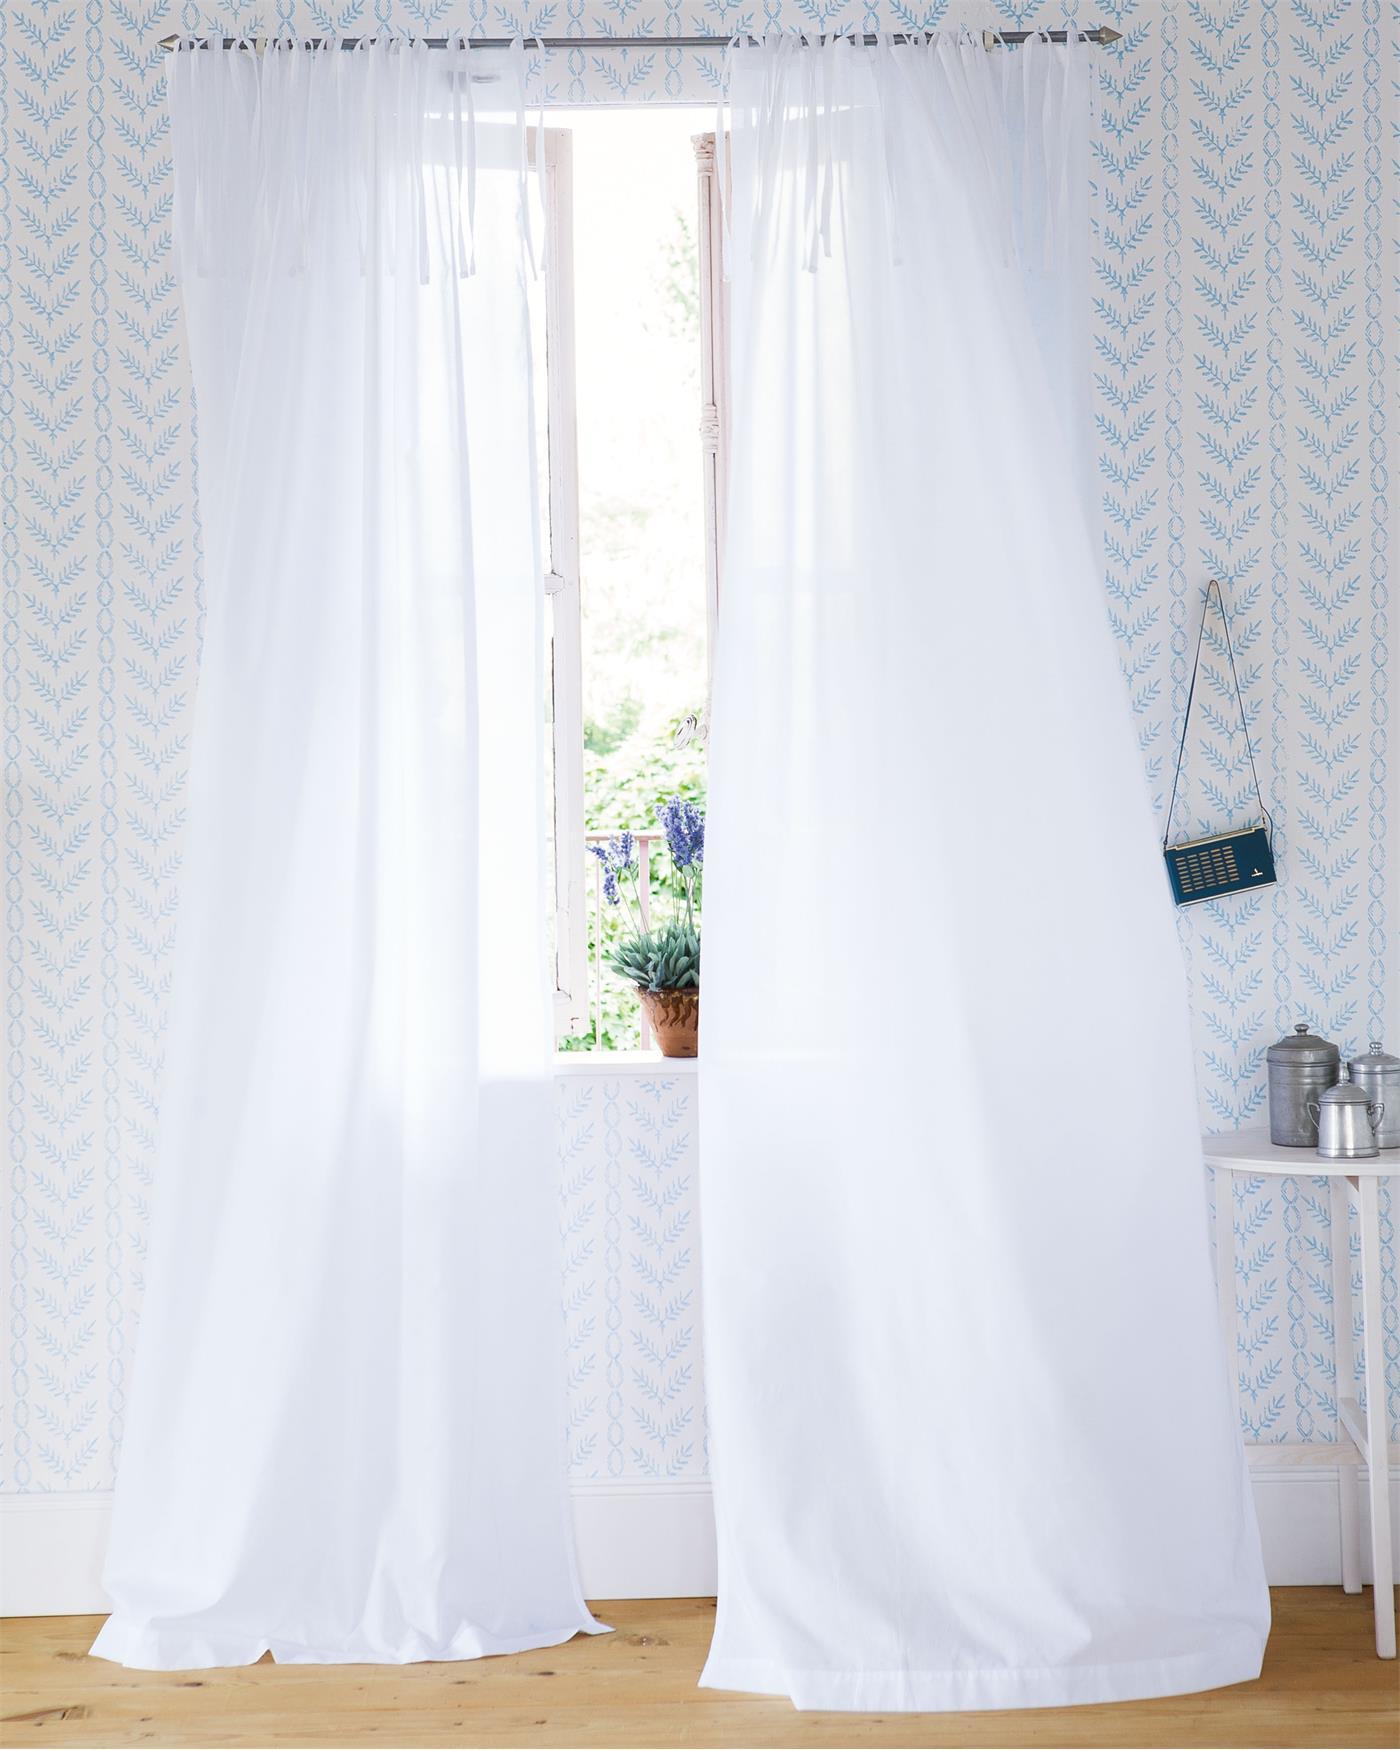 gardinen wieder wei wie werden die stoffe behandelt gardinen waschen mit natron with gardinen. Black Bedroom Furniture Sets. Home Design Ideas